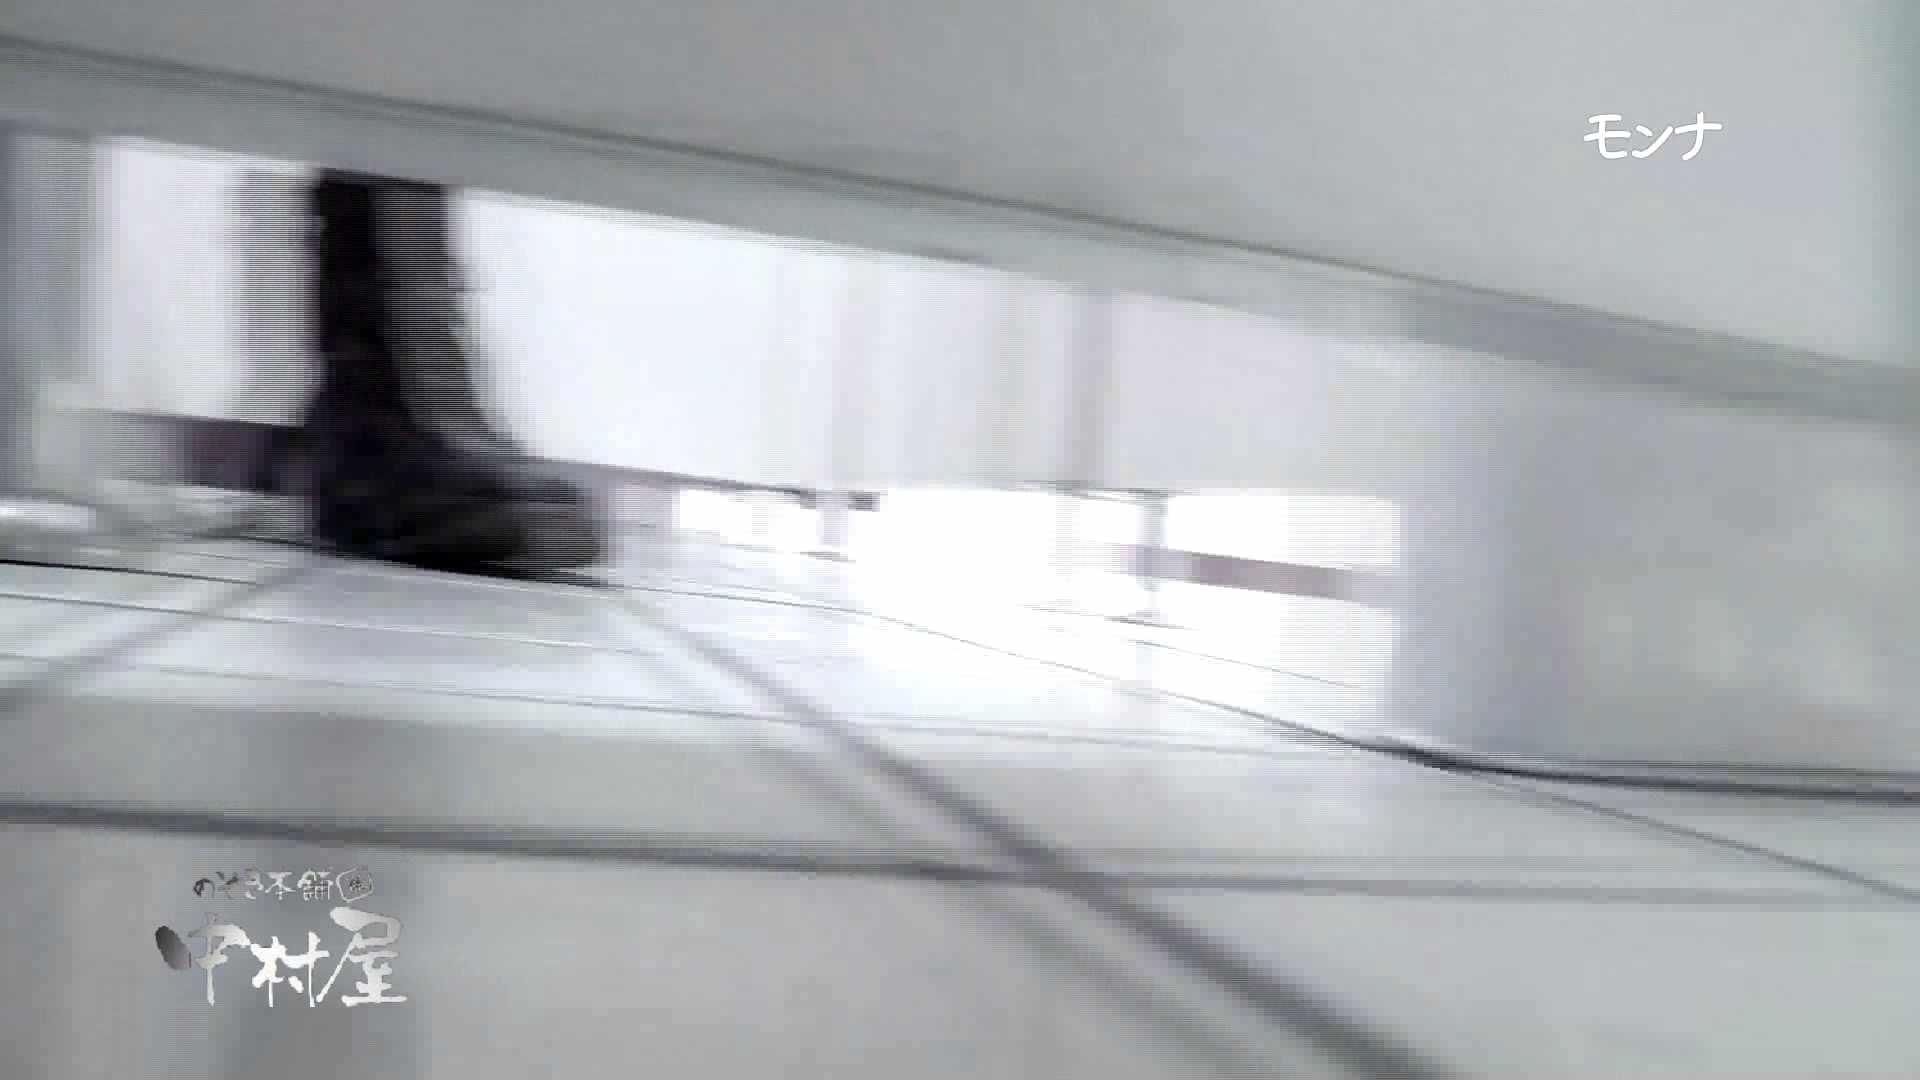 【美しい日本の未来】新学期!!下半身中心に攻めてます美女可愛い女子悪戯盗satuトイレ後編 美女 隠し撮りオマンコ動画紹介 82連発 30